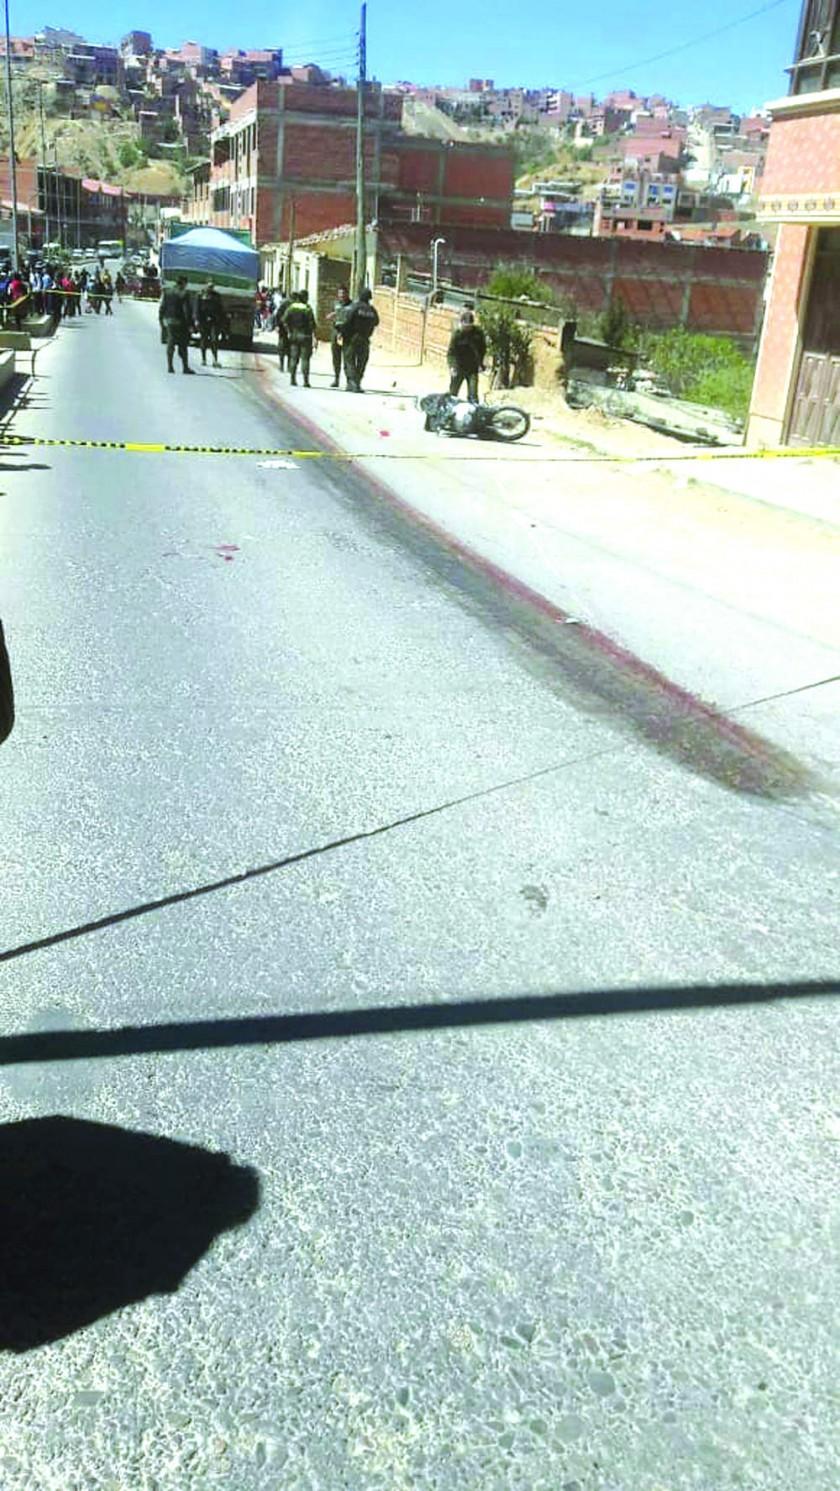 TRAGEDIA. El accidente ocurrió en la zona de Villa Armonía en proximidades del surtidor Trébol.